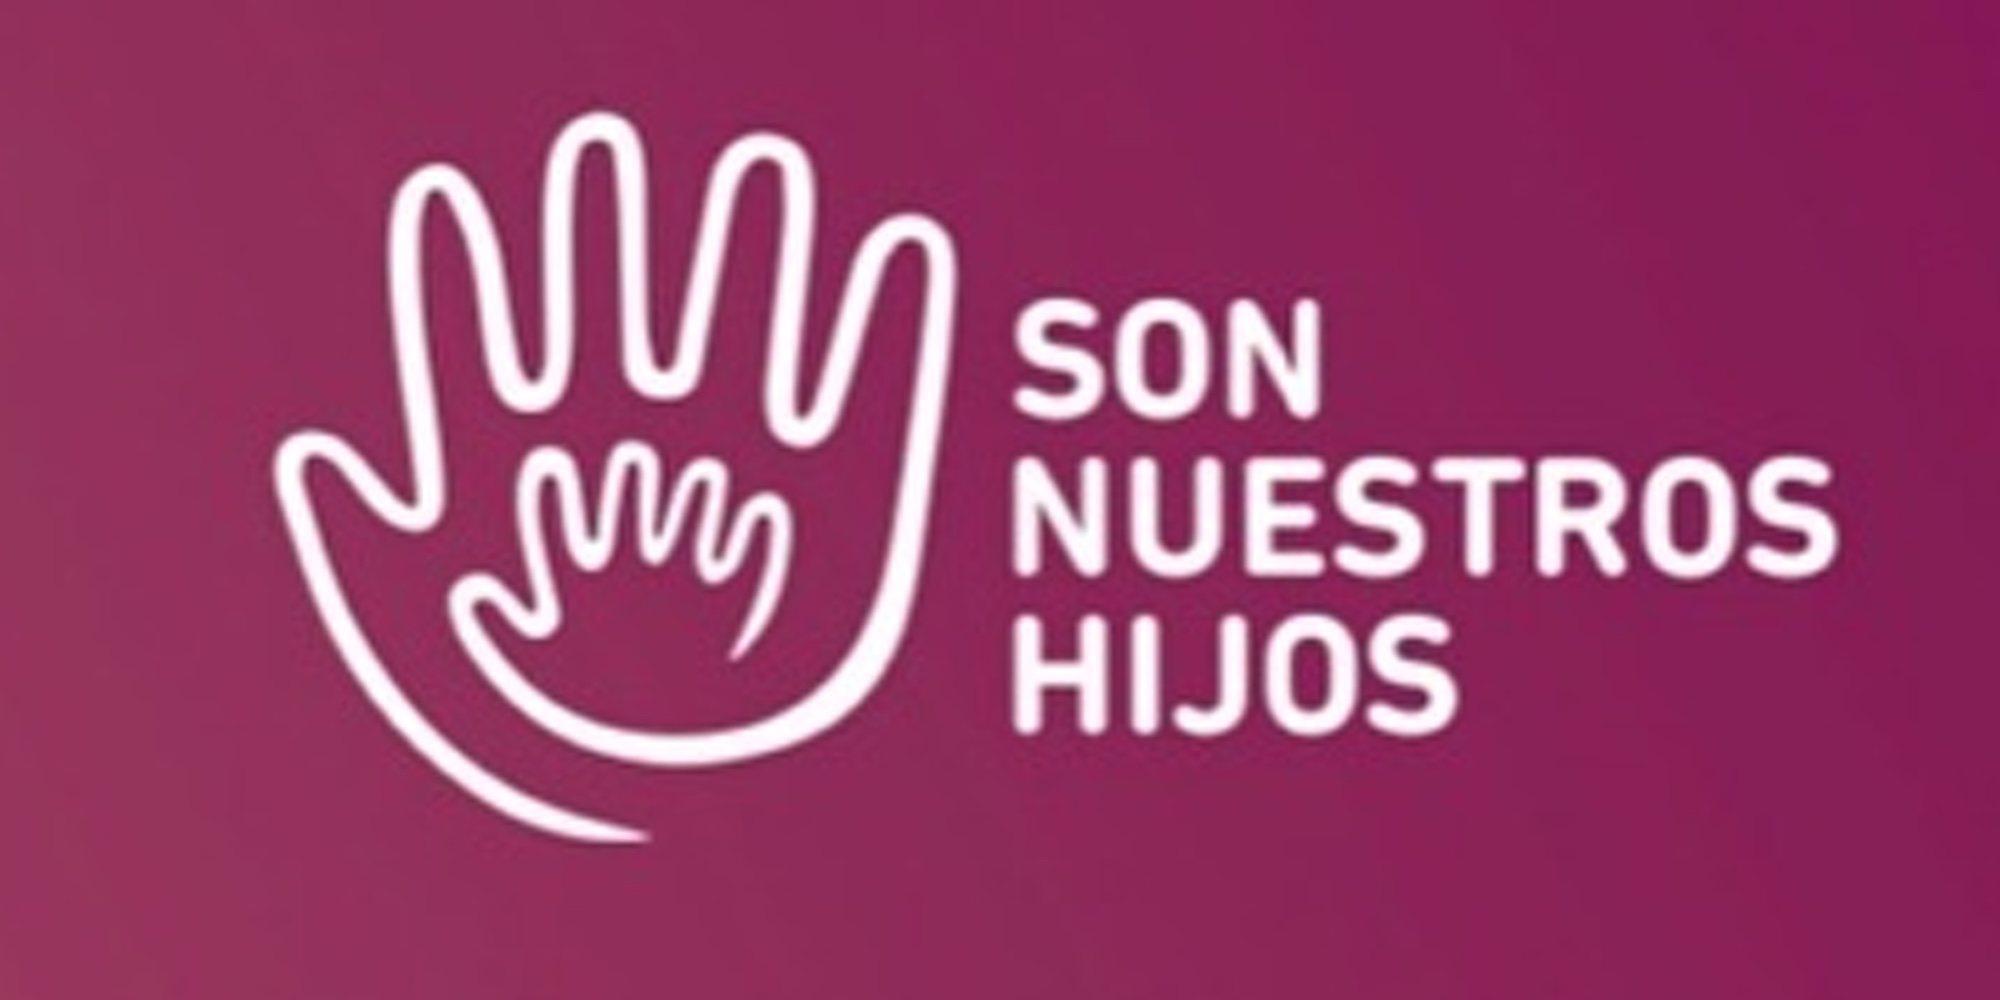 La asociación 'Son nuestros hijos' lanza una campaña sobre la gestación subrogada